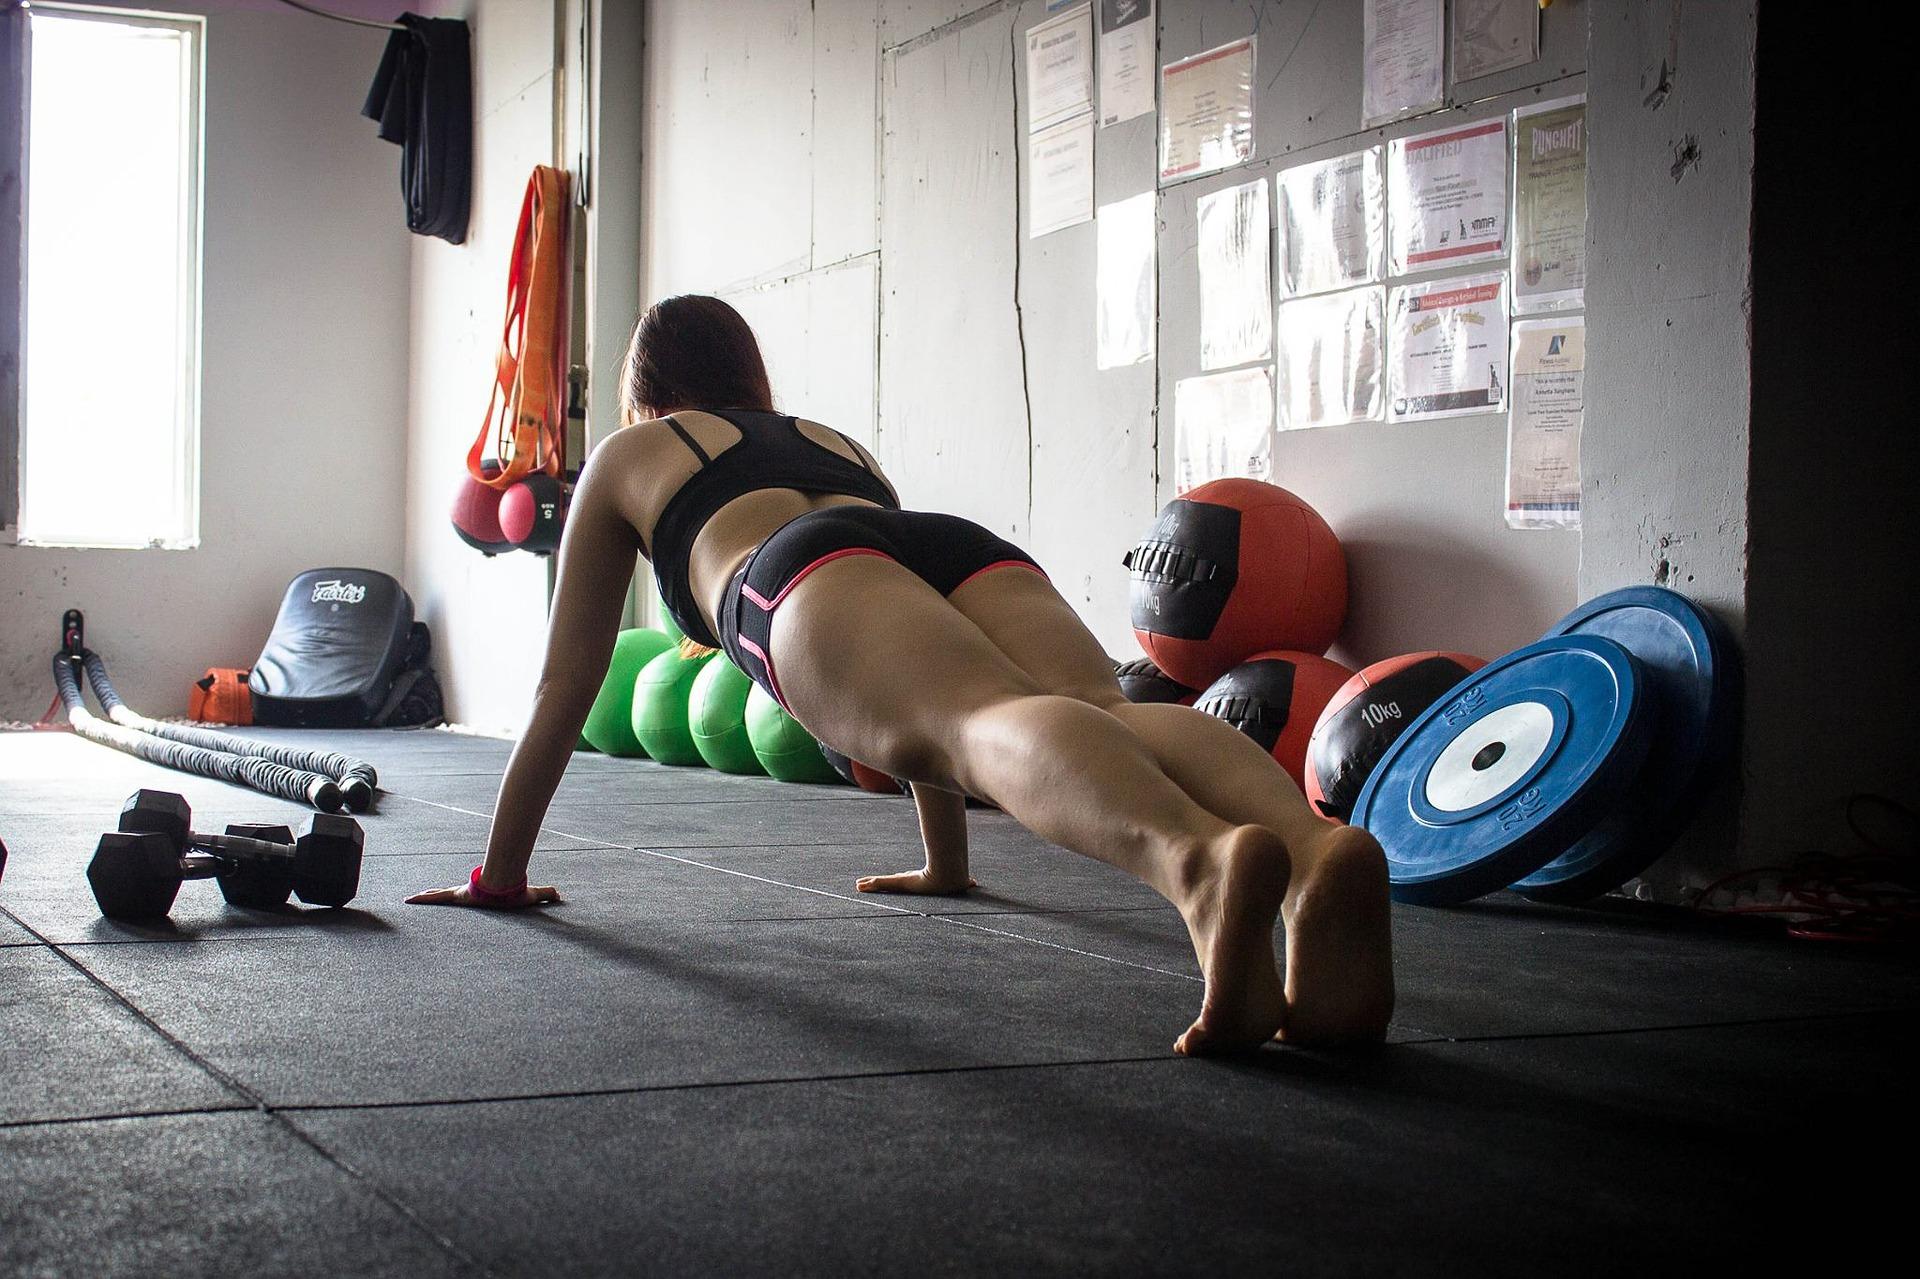 Branża fitness chce pozwu zbiorowego za zamknięcie siłowni - Zdjęcie główne